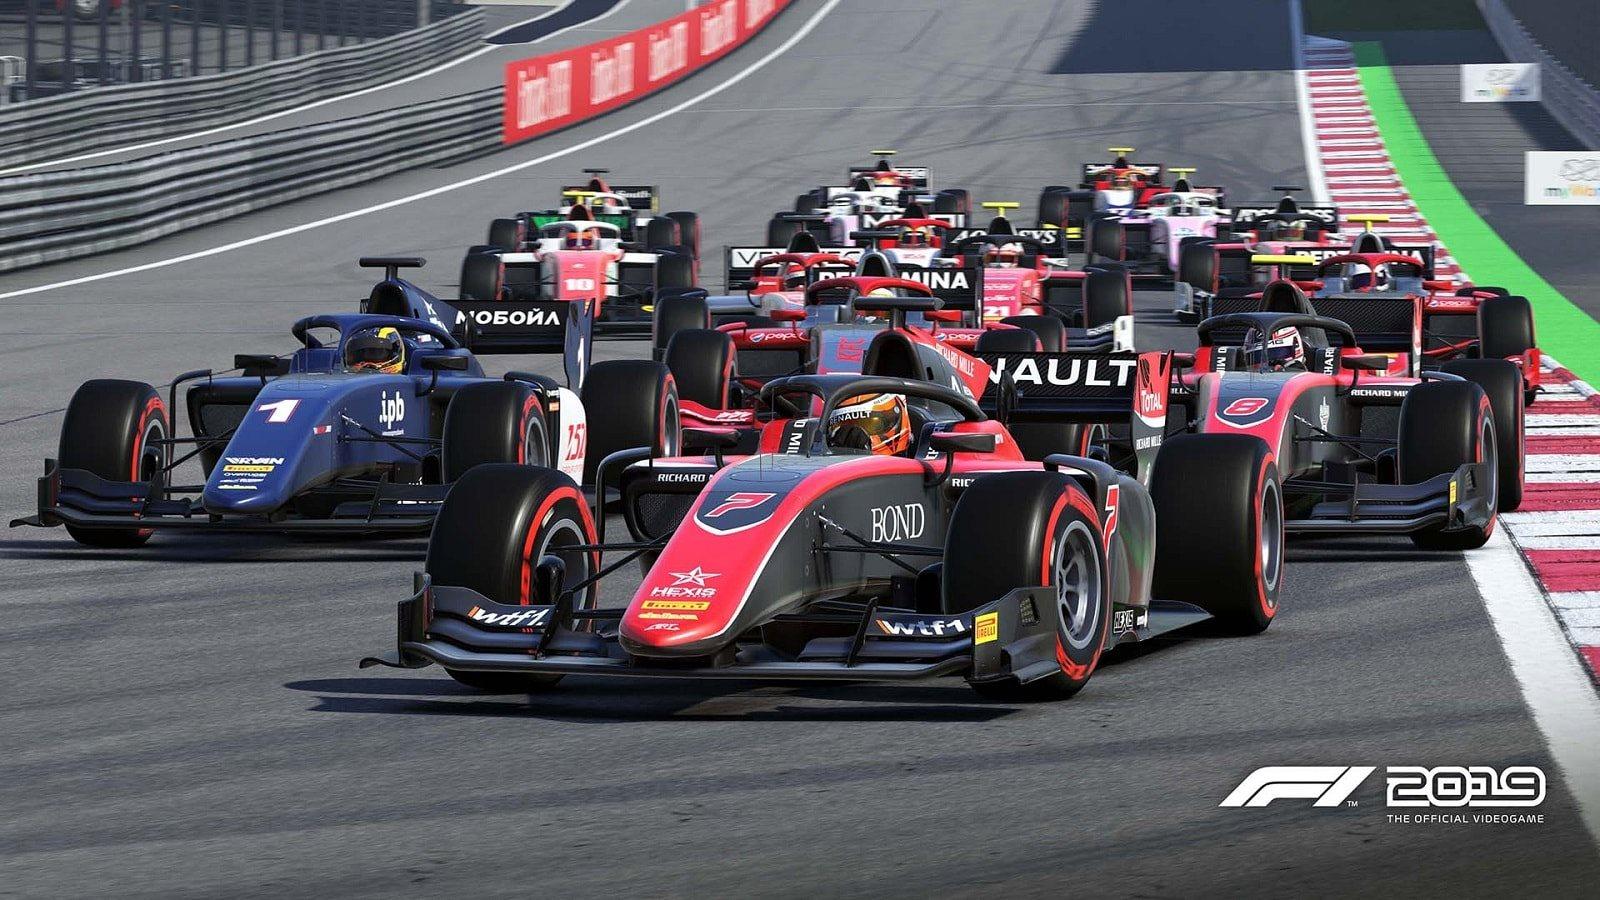 F1 2019; gameplay: start